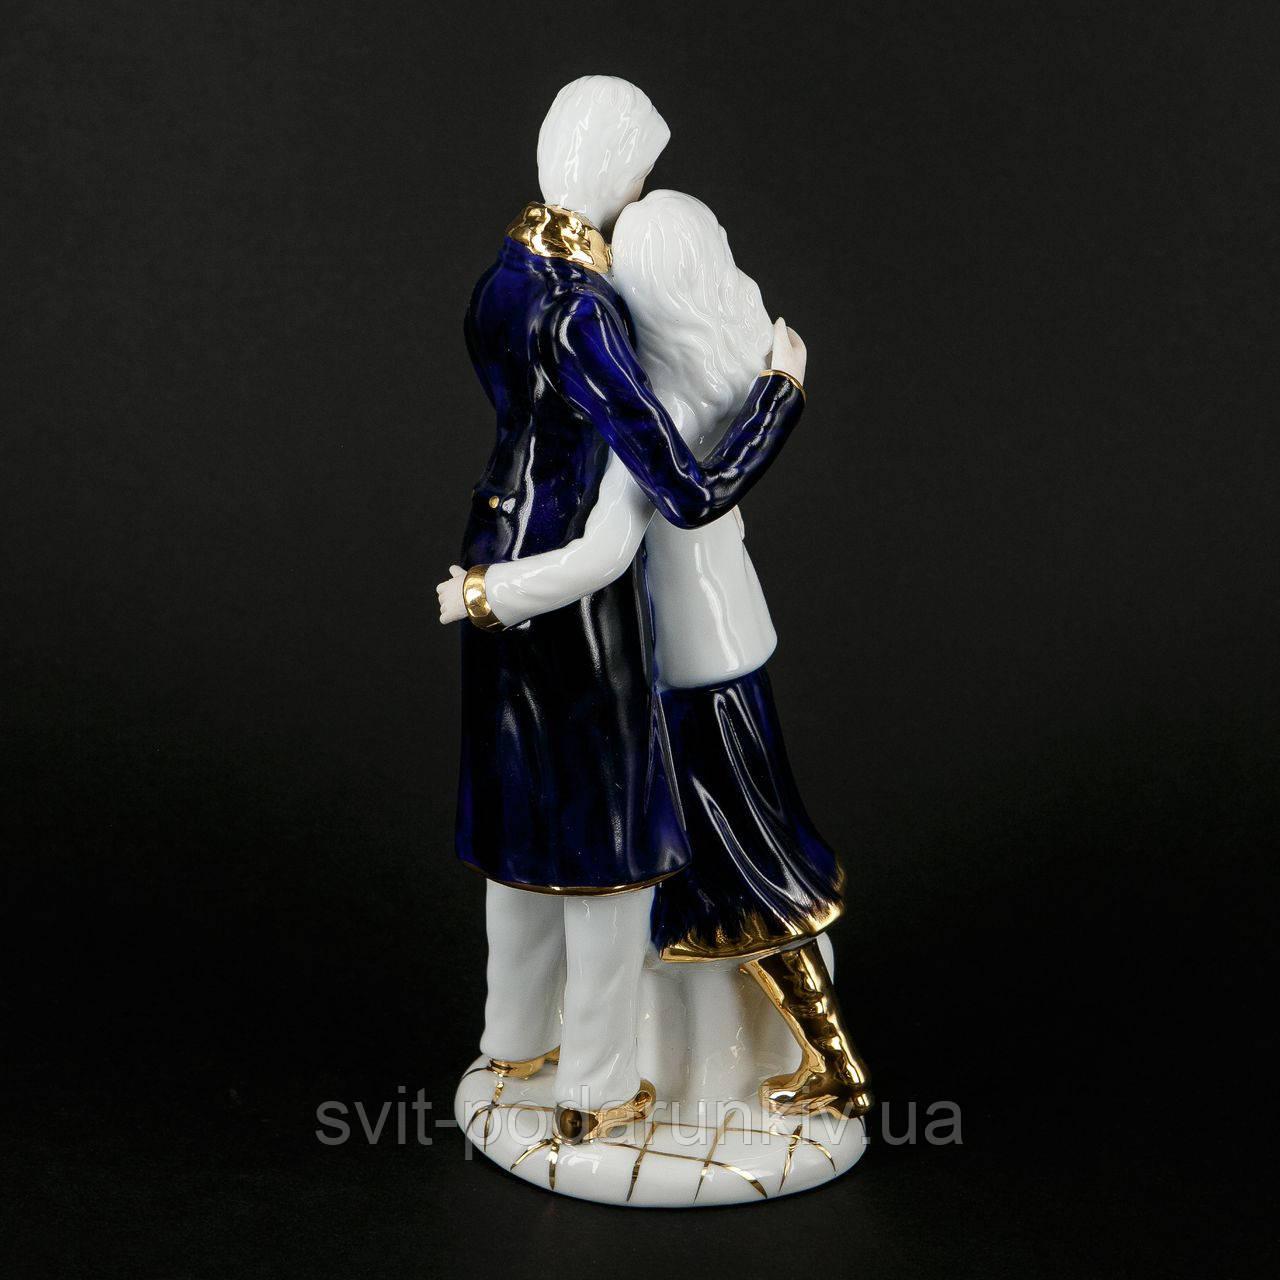 статуэтка мужчины и женщины